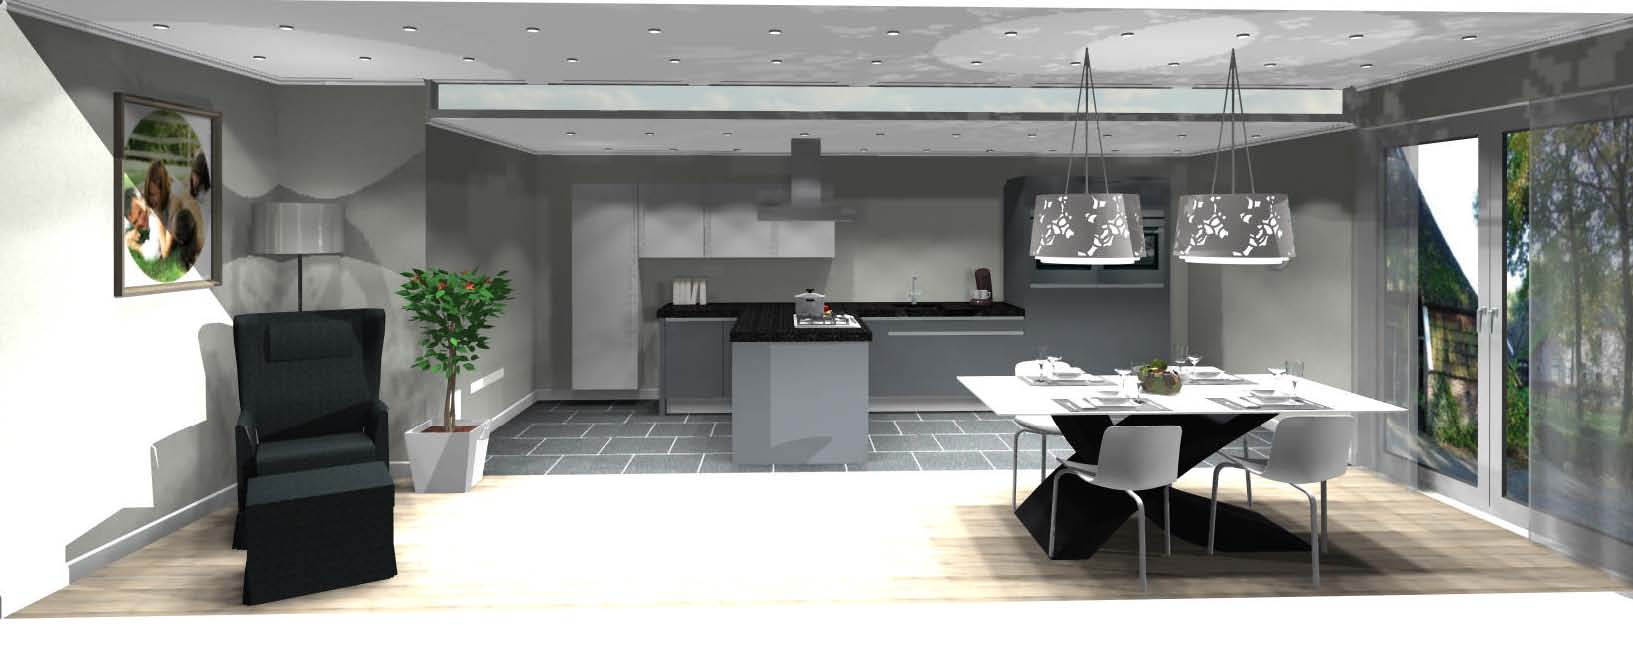 Ontwerp uw eigen keuken wees eens creatief for 3d ontwerp keuken